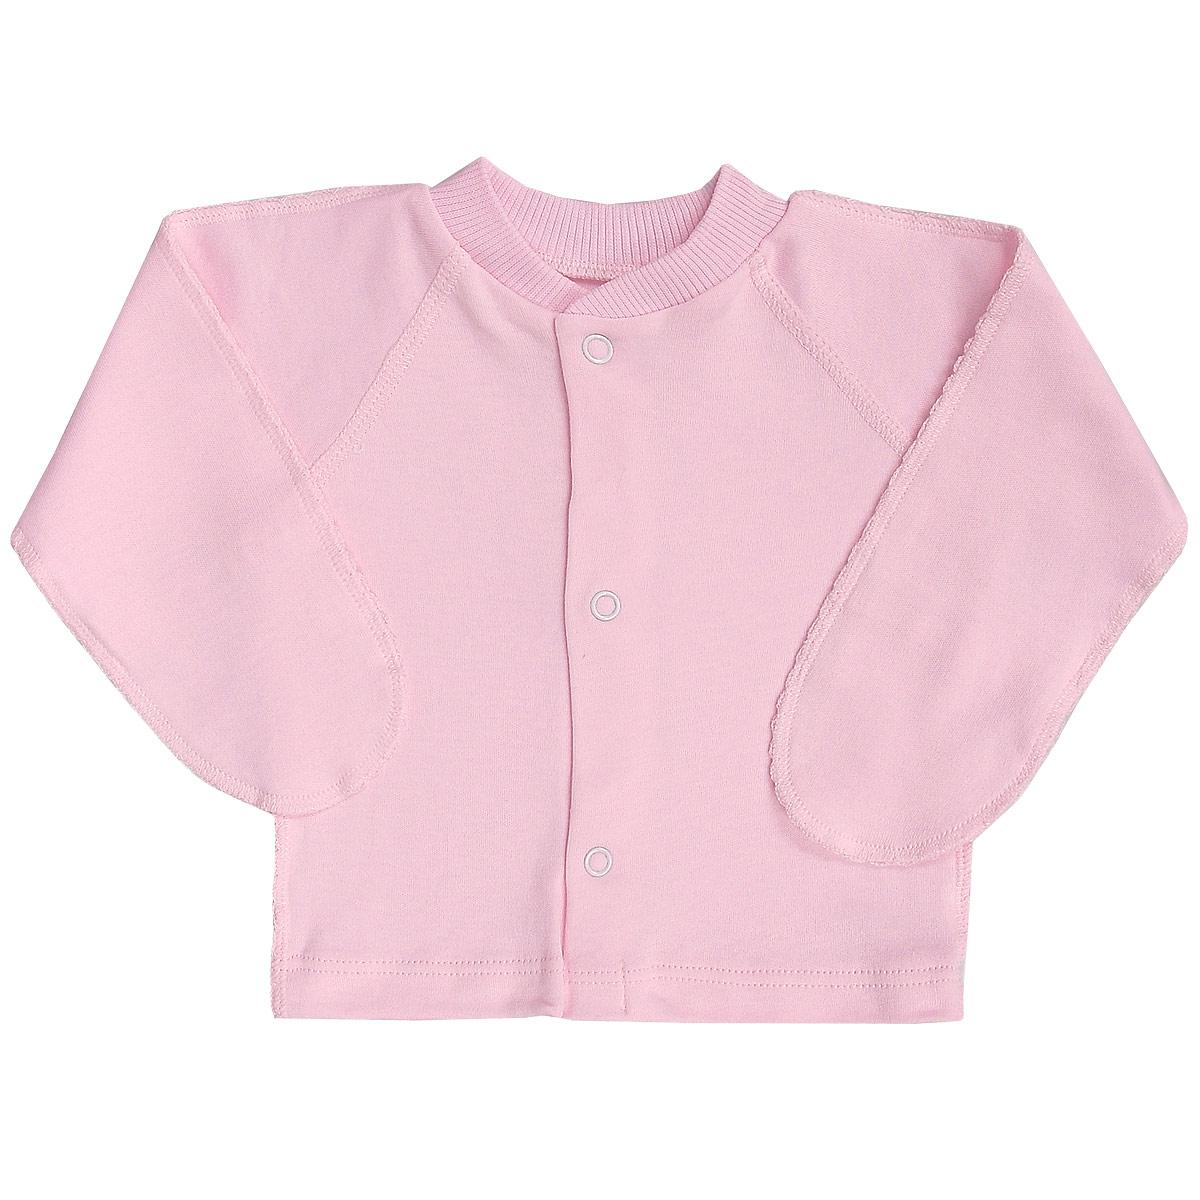 Кофточка детская Фреш стайл, цвет: розовый. 37-203. Размер 6237-203Кофточка с закрытыми ручками Фреш Стайл послужит идеальным дополнением к гардеробу малыша. Кофточка, выполненная швами наружу, изготовлена из натурального хлопка, благодаря чему она необычайно мягкая и легкая, не раздражает нежную кожу ребенка и хорошо вентилируется, а эластичные швы приятны телу малыша и не препятствуют его движениям. Кофточка застегивается на кнопочки по всей длине, которые помогают легко переодеть младенца. Благодаря рукавичкам ребенок не поцарапает себя.В такой кофточке ваш ребенок будет чувствовать себя комфортно и уютно.